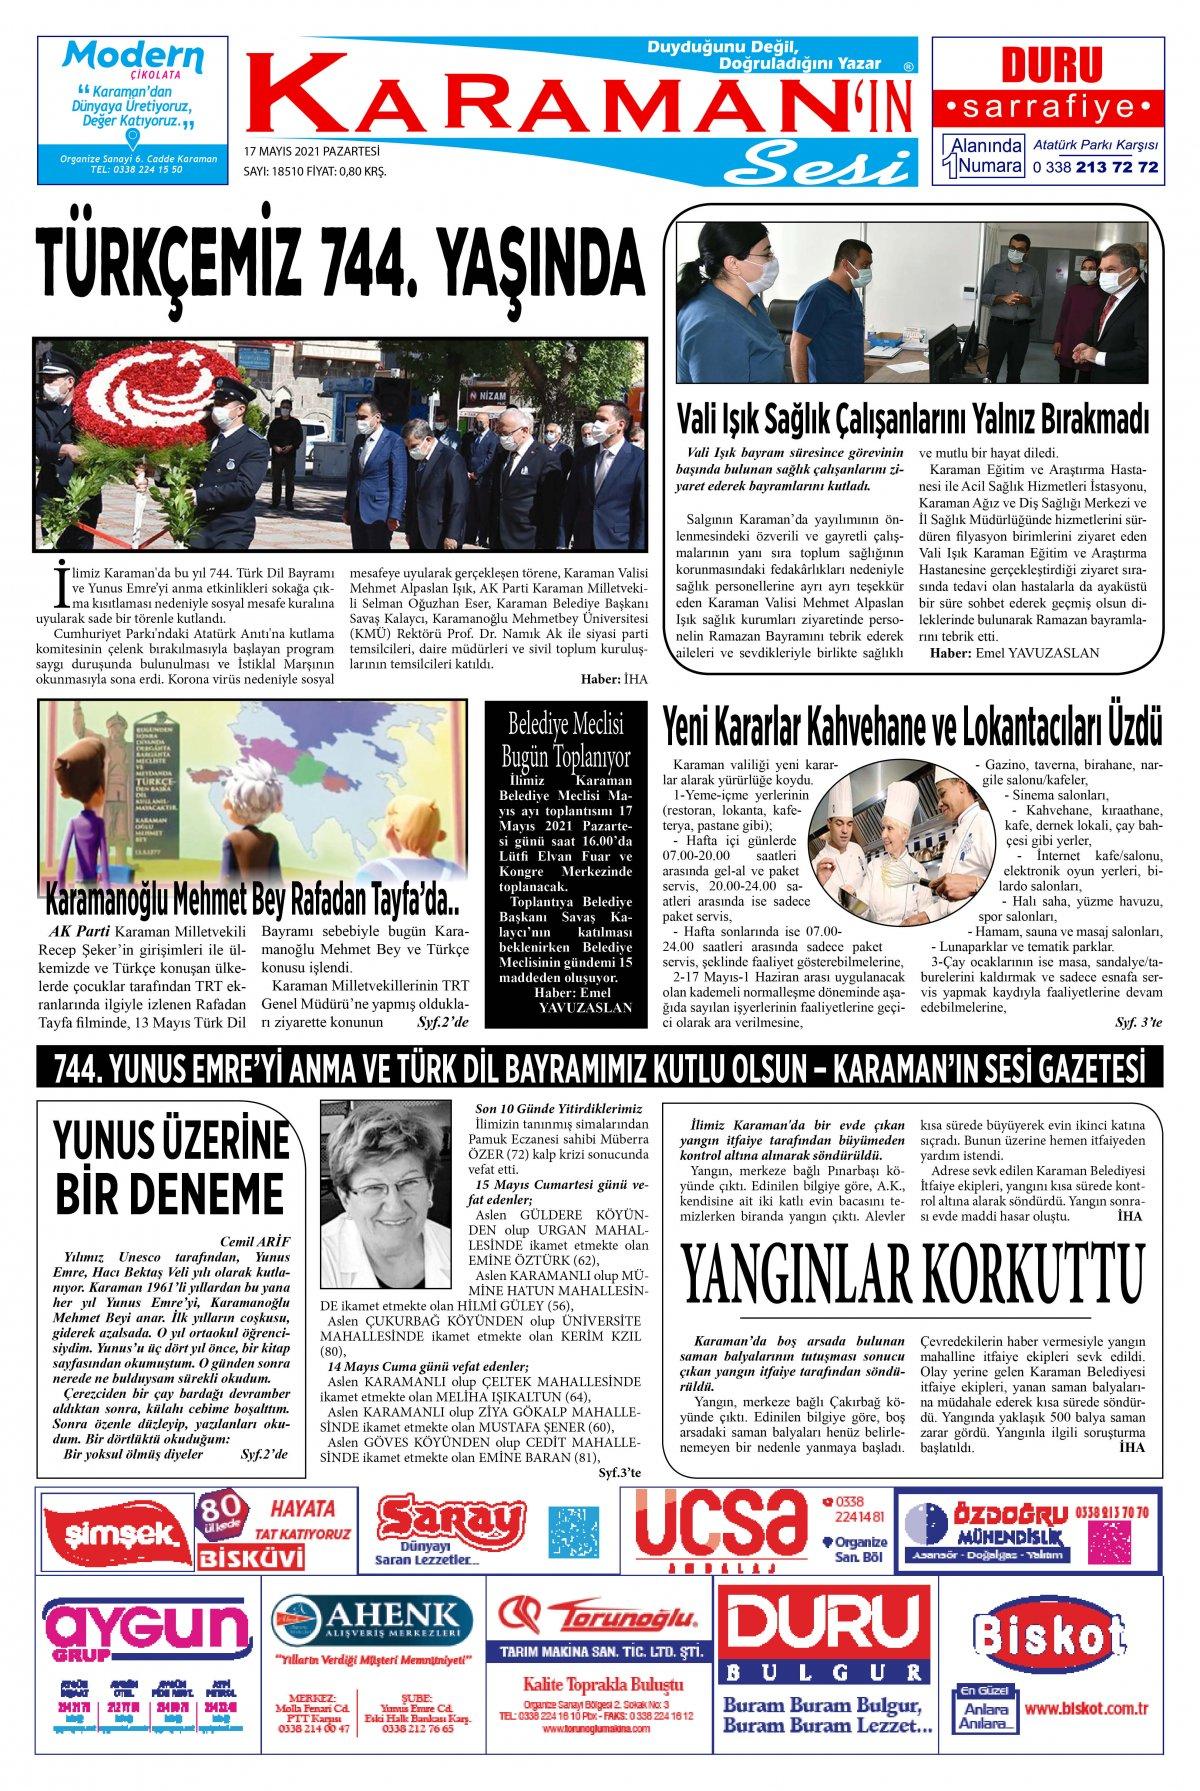 Karaman - Karaman Son Dakika Haberleri - Karaman Haber Karaman  - 17.05.2021 Manşeti